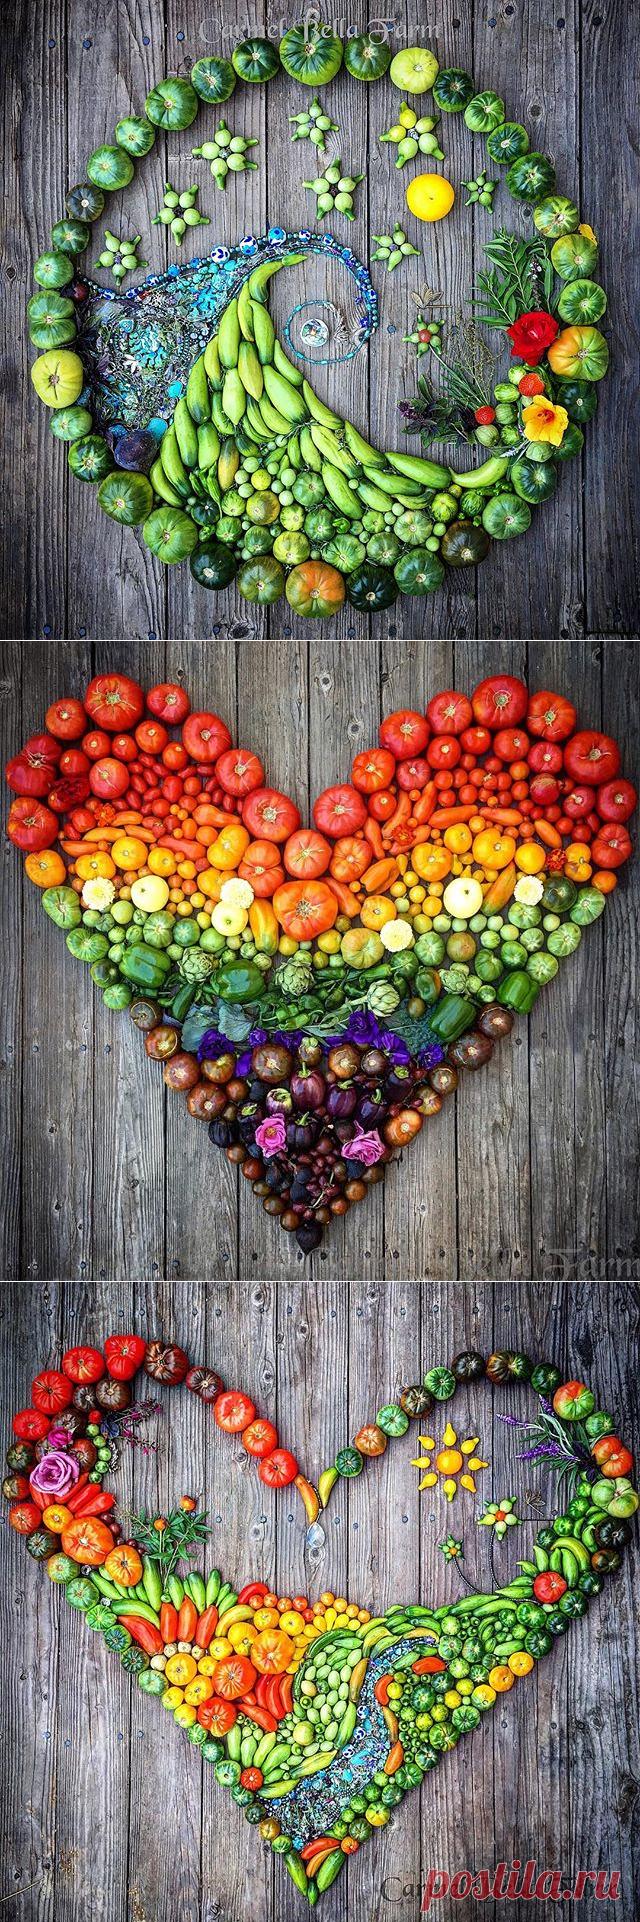 Идеи картин для кухни: вдохновляющие овощи — Сделай сам, идеи для творчества - DIY Ideas